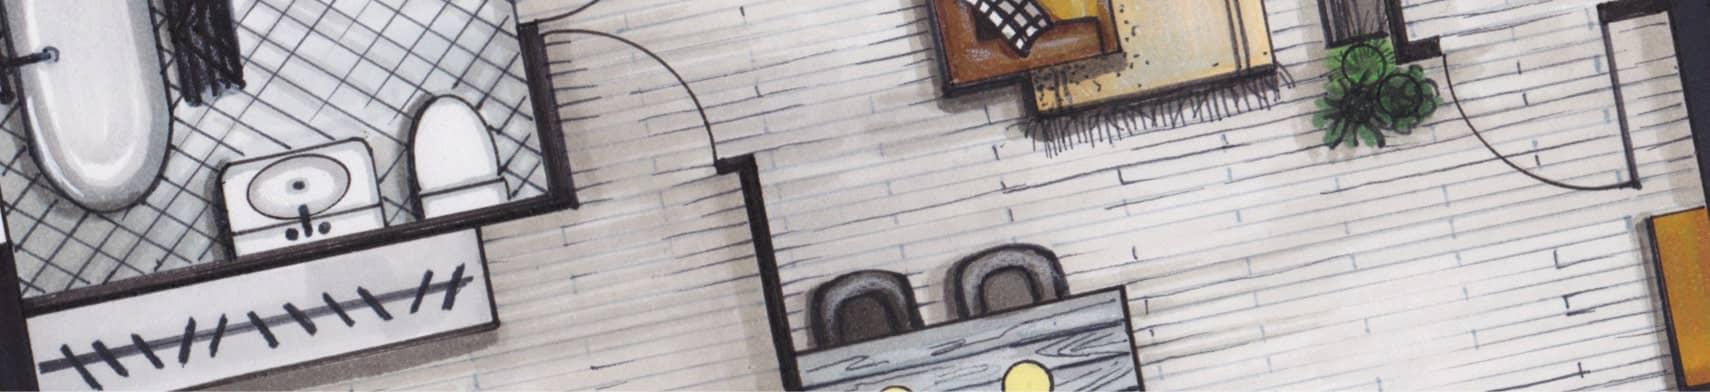 Plattegrond tekening tijdens de cursus